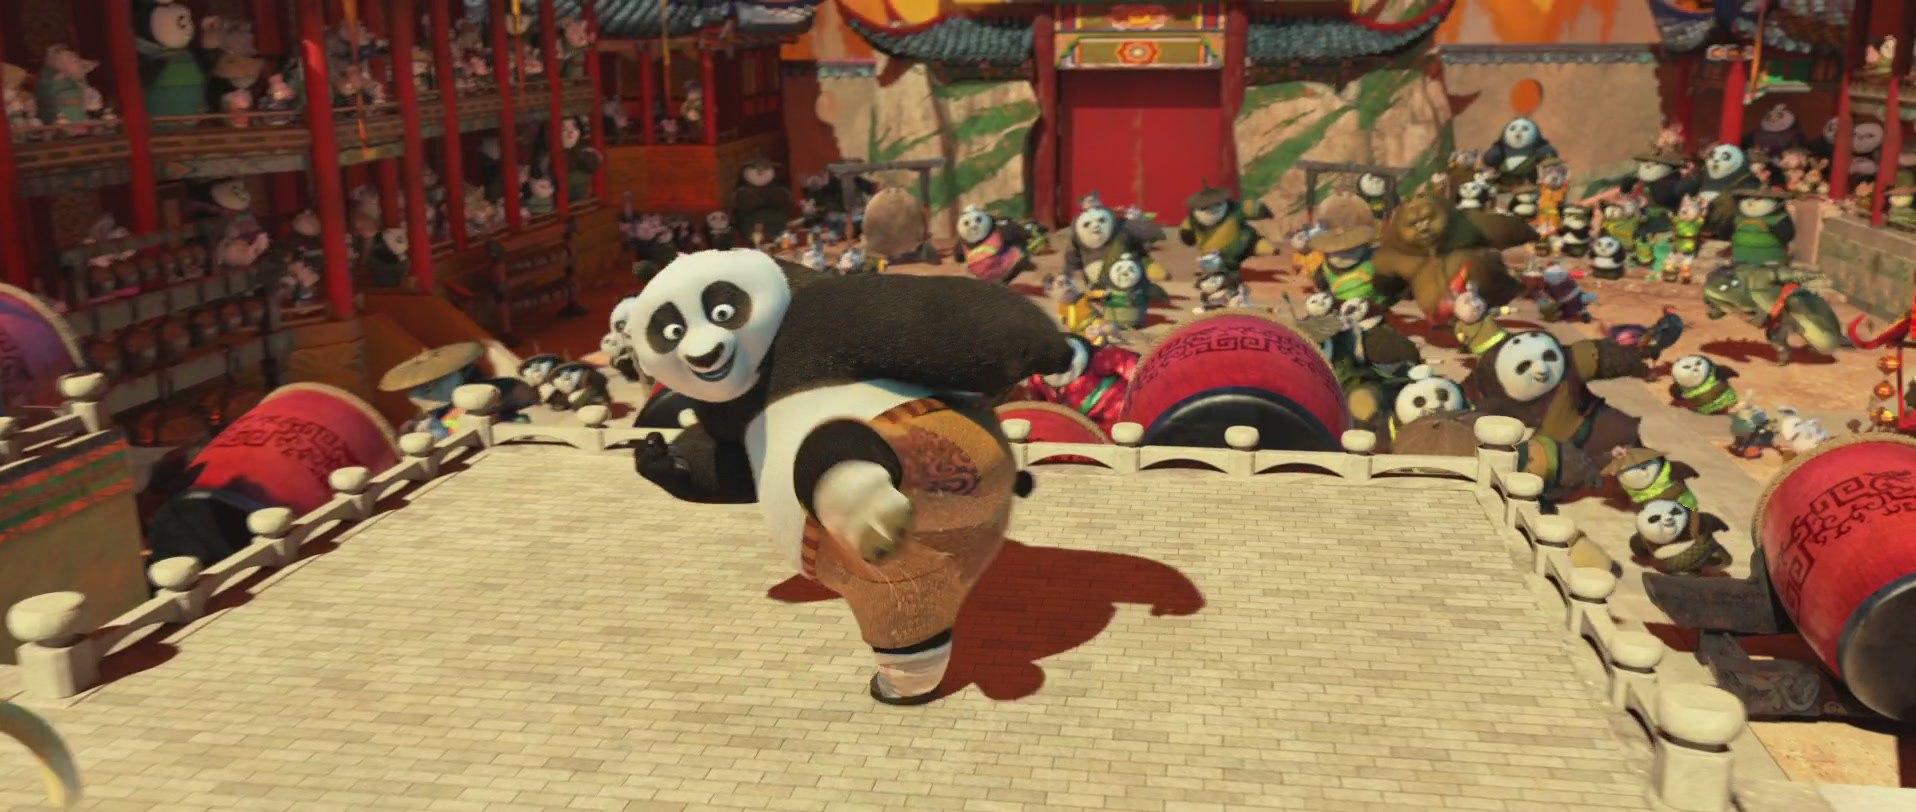 кунг-фу панда на одной лапе